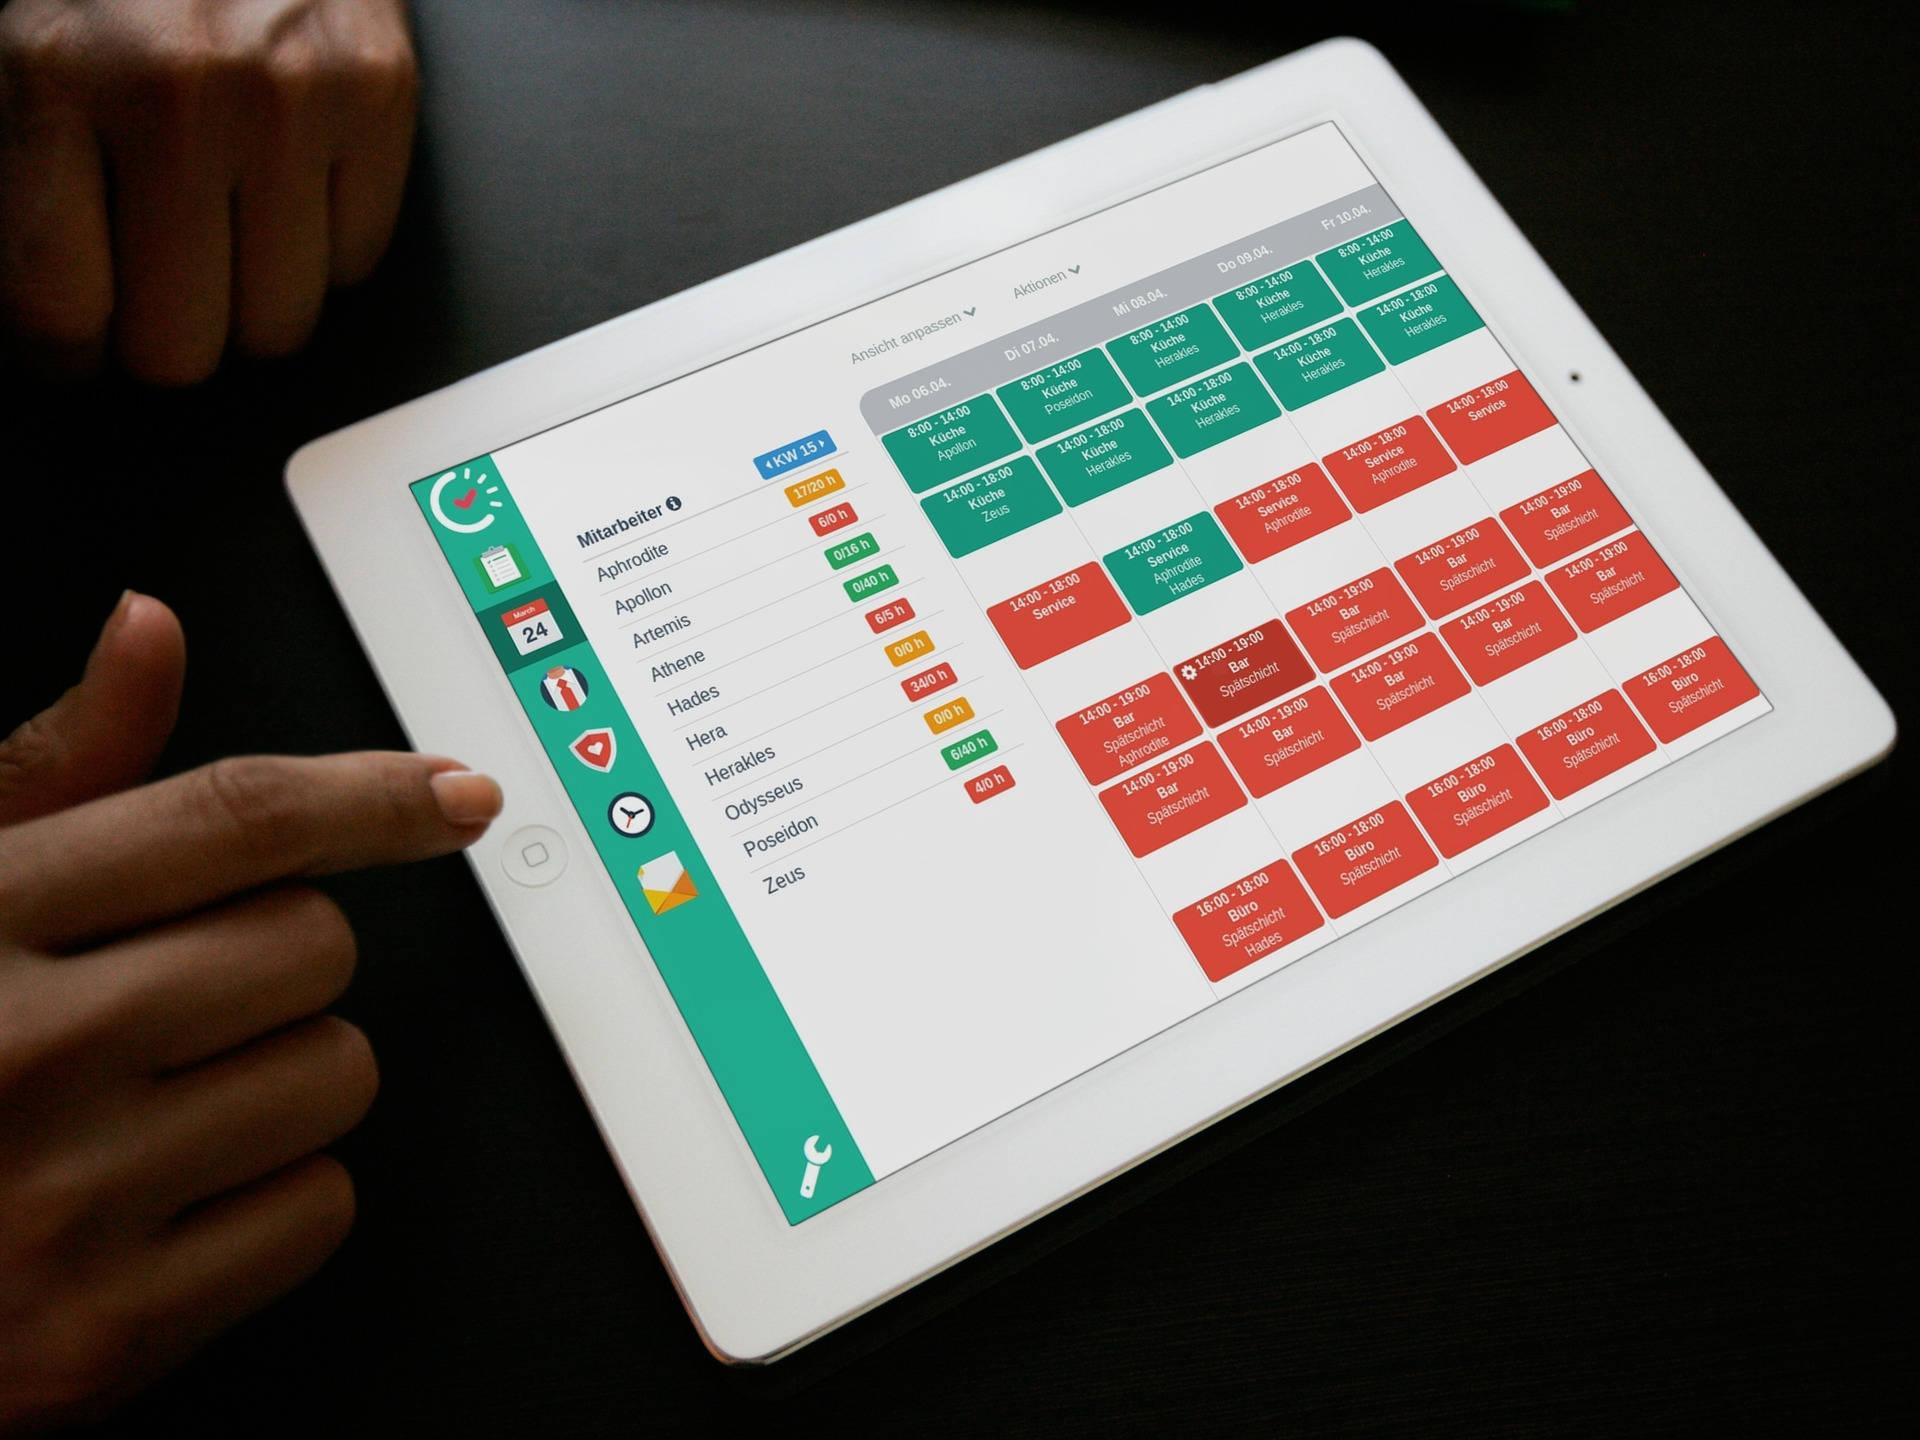 schichtplaner online für mehr effizienz von papershift